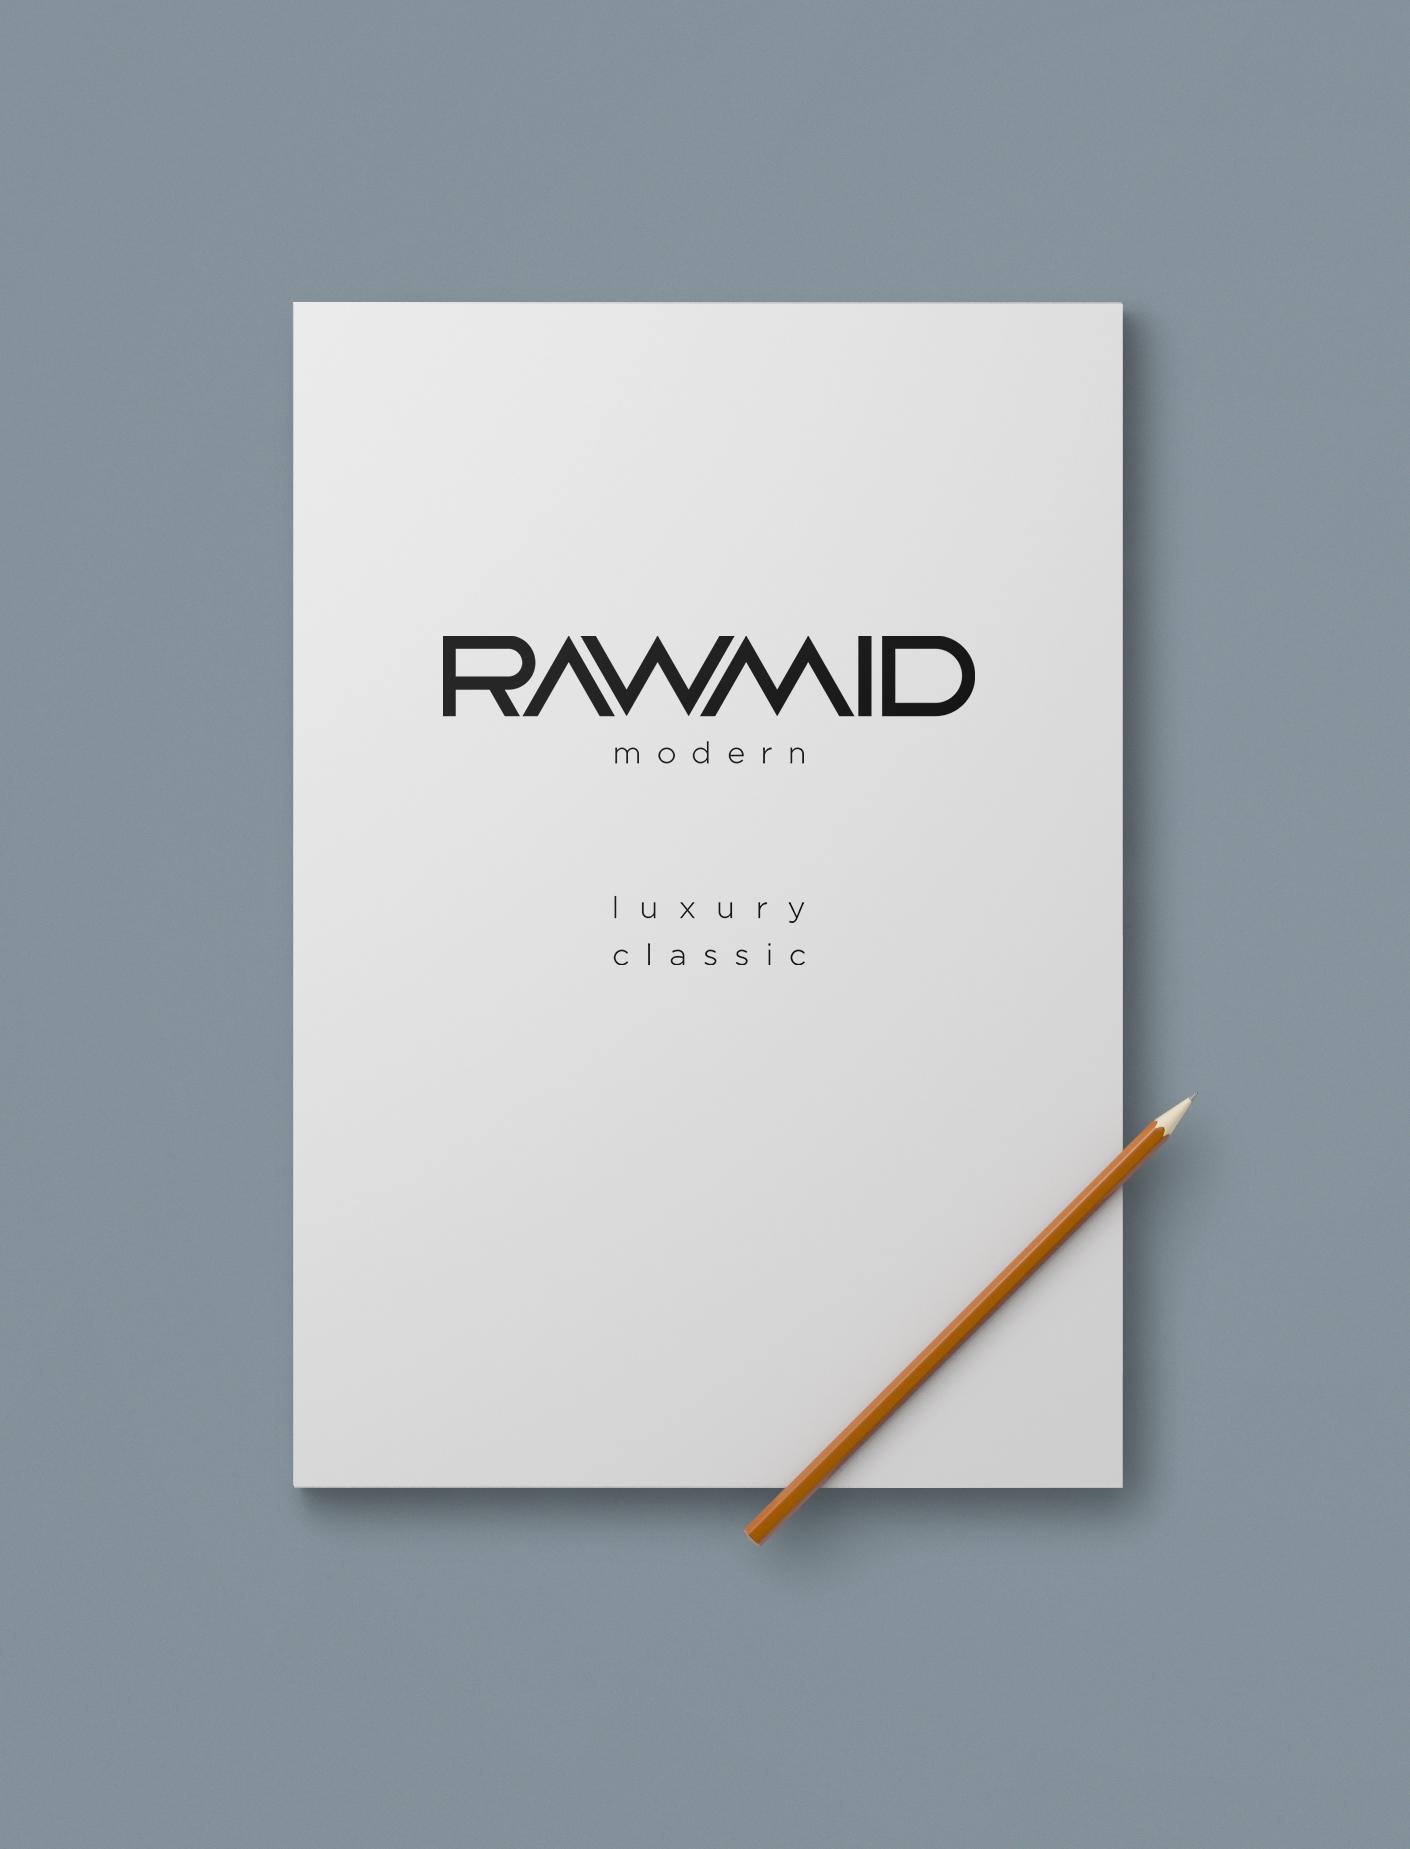 Создать логотип (буквенная часть) для бренда бытовой техники фото f_4045b33d117d711c.jpg